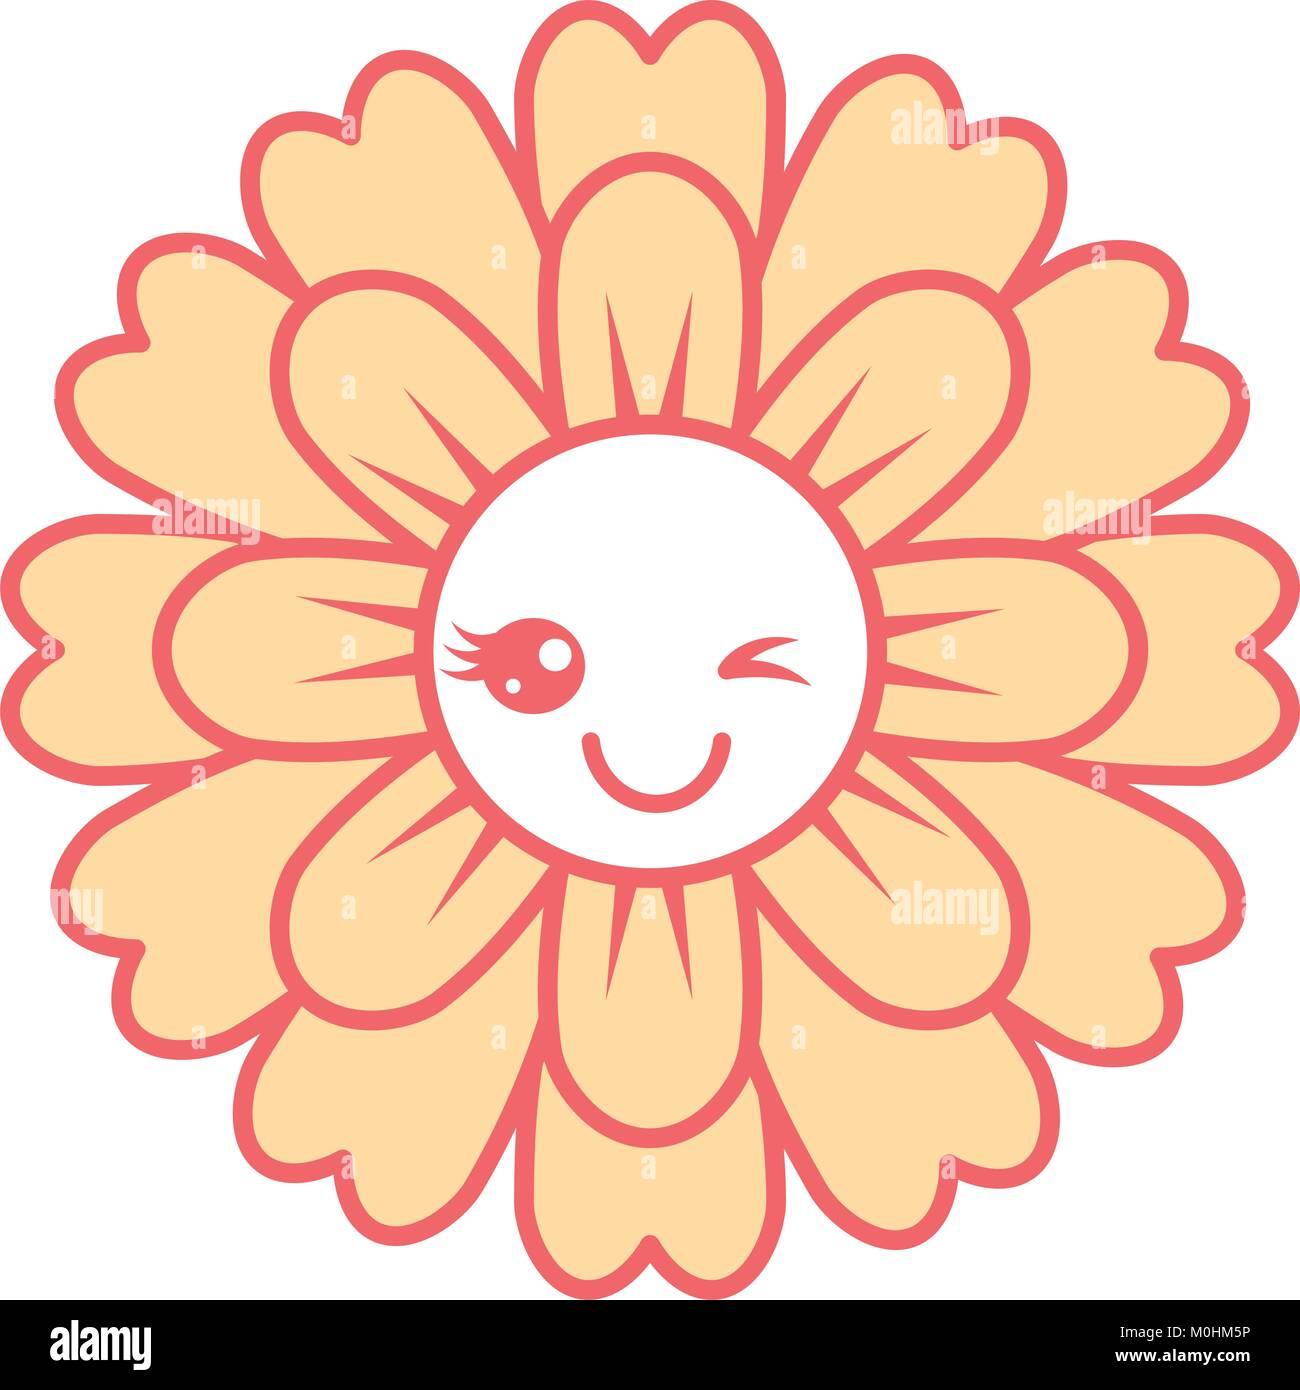 Kawaii Cute Dibujos Animados Petalos De Flores Ilustracion Del